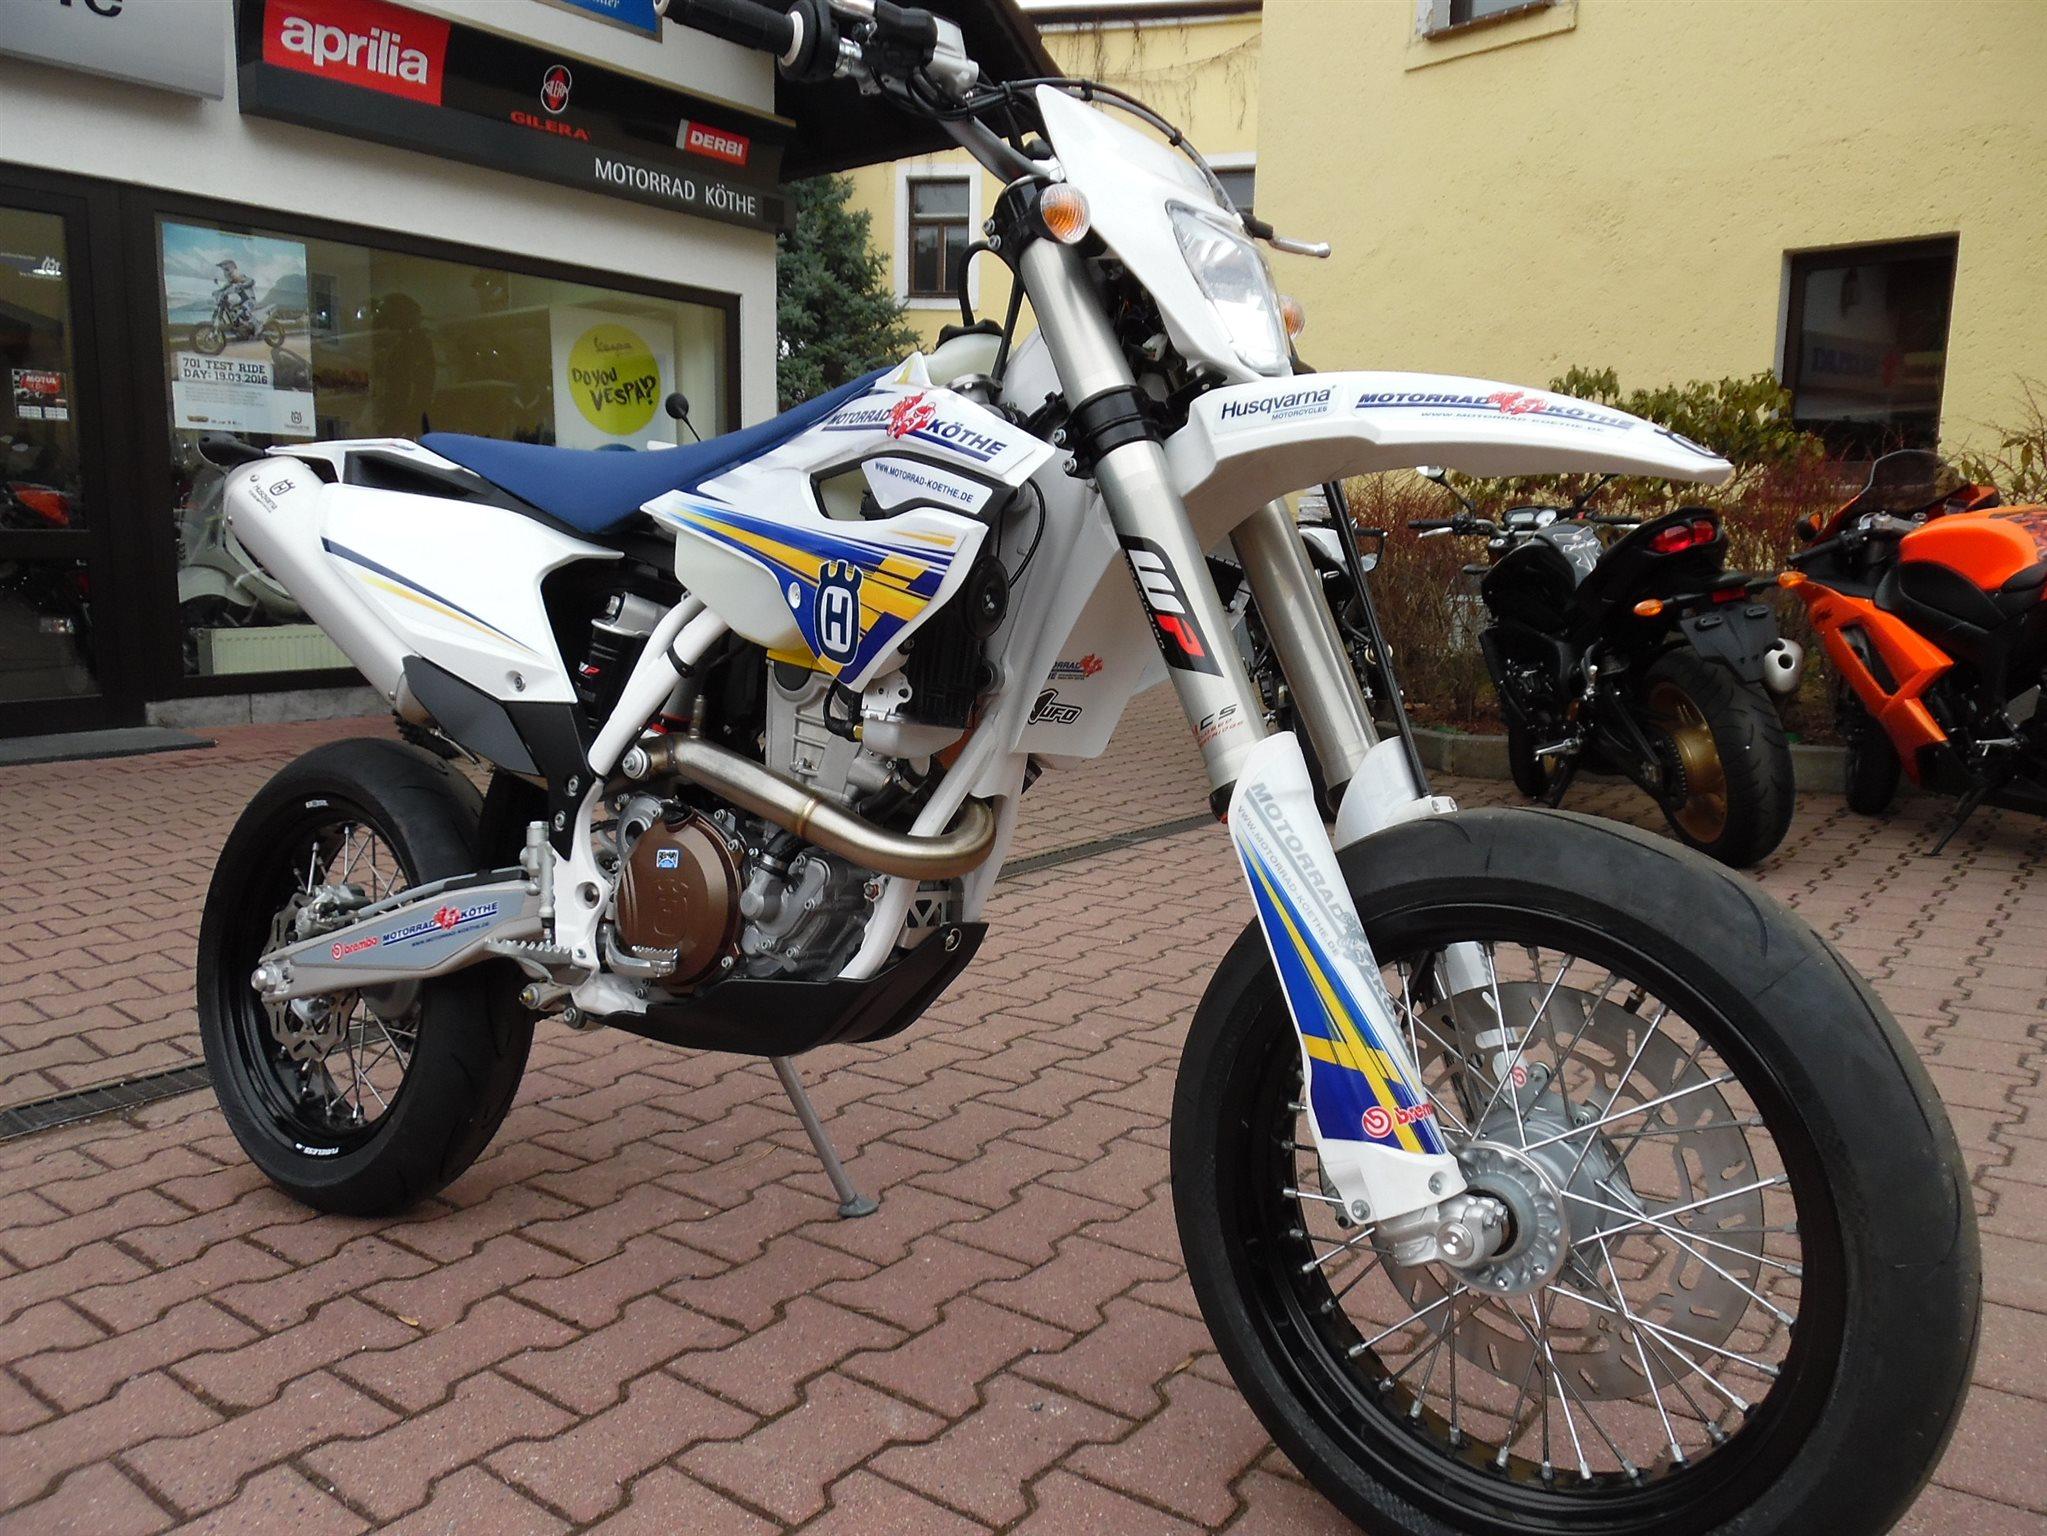 Umgebautes Motorrad Husqvarna FE 501 von Motorrad Köthe ...